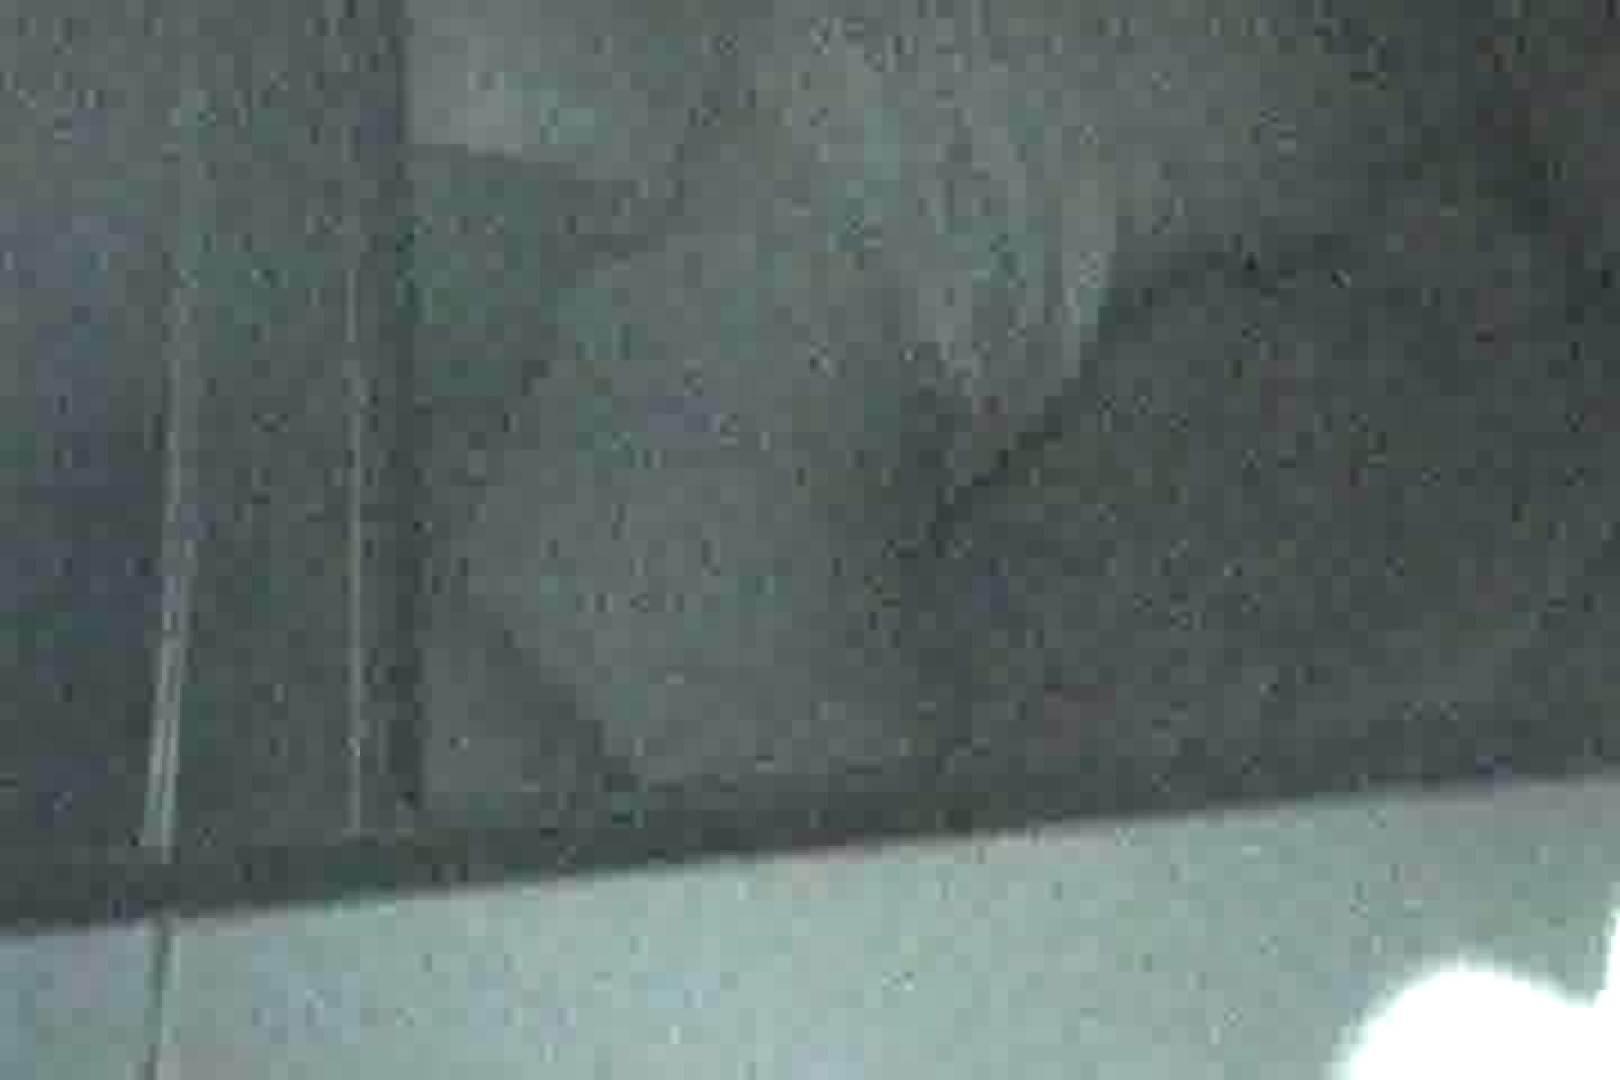 充血監督の深夜の運動会Vol.7 OLセックス 盗撮AV動画キャプチャ 98画像 23